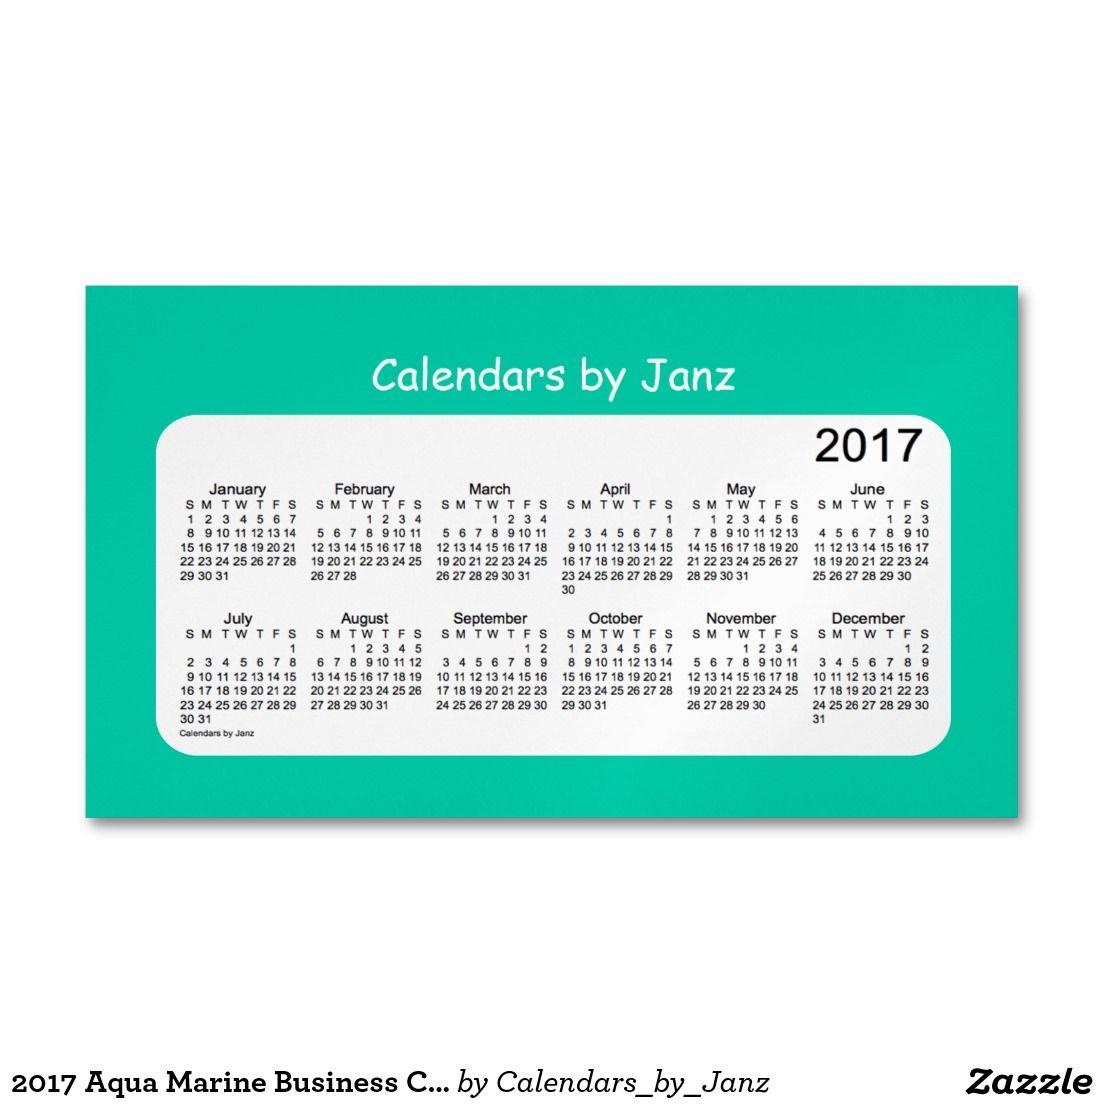 2017 aqua marine business calendar by janz magnet business card 2017 aqua marine business calendar by janz magnet business card magnet magicingreecefo Gallery